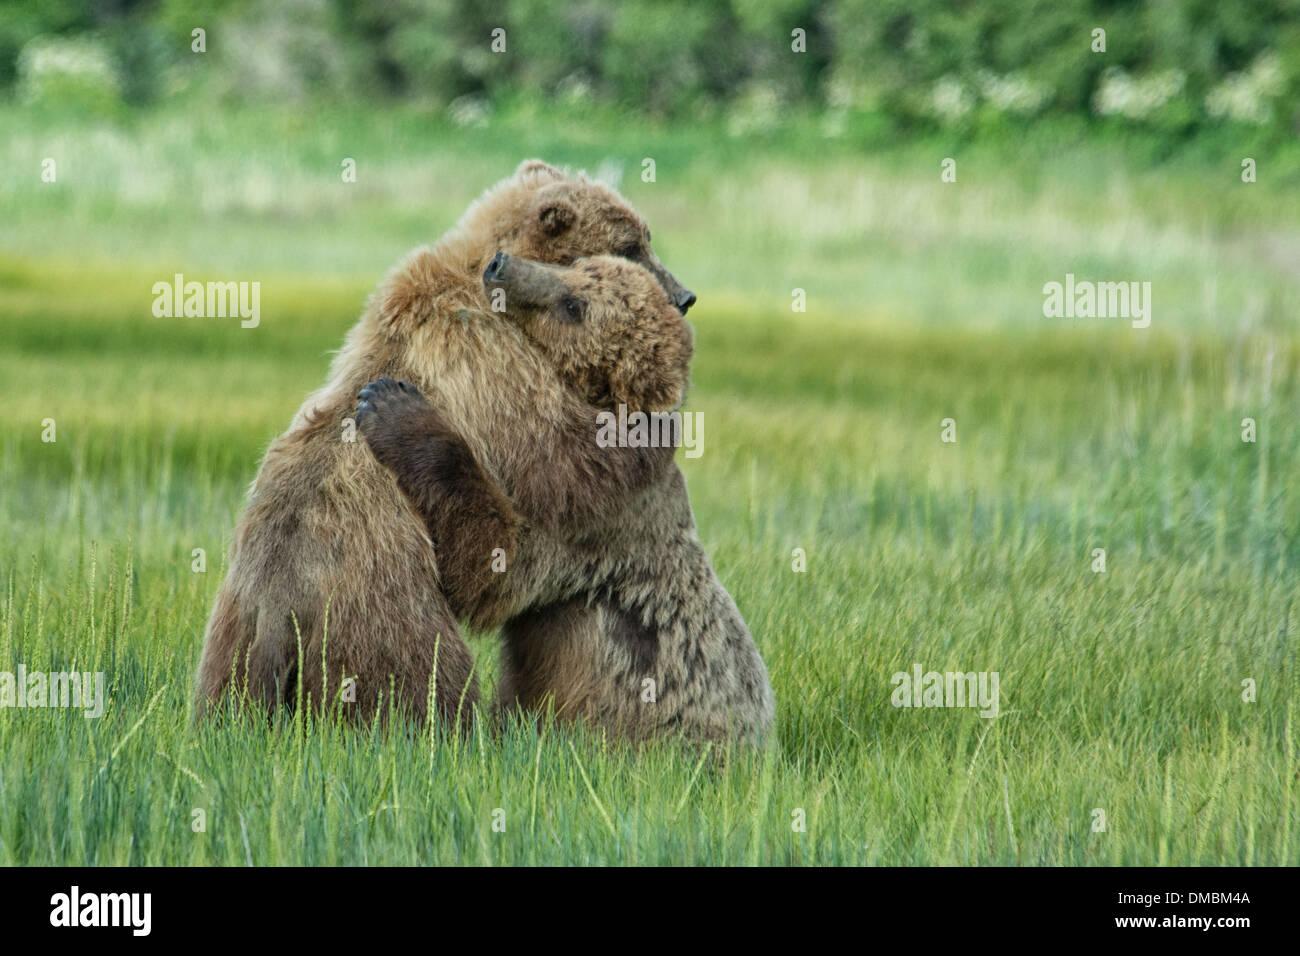 Chez les louveteaux, l'ours grizzli L'ours brun d'Alaska, Ursus arctos, serrant lors d'un combat de jouer les combats, Lake Clark National Park, Alaska, USA Photo Stock